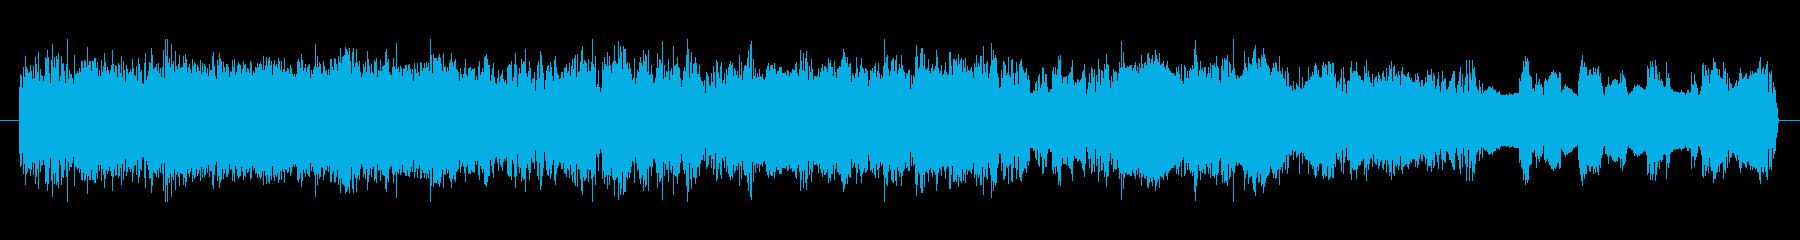 電撃音SEの再生済みの波形